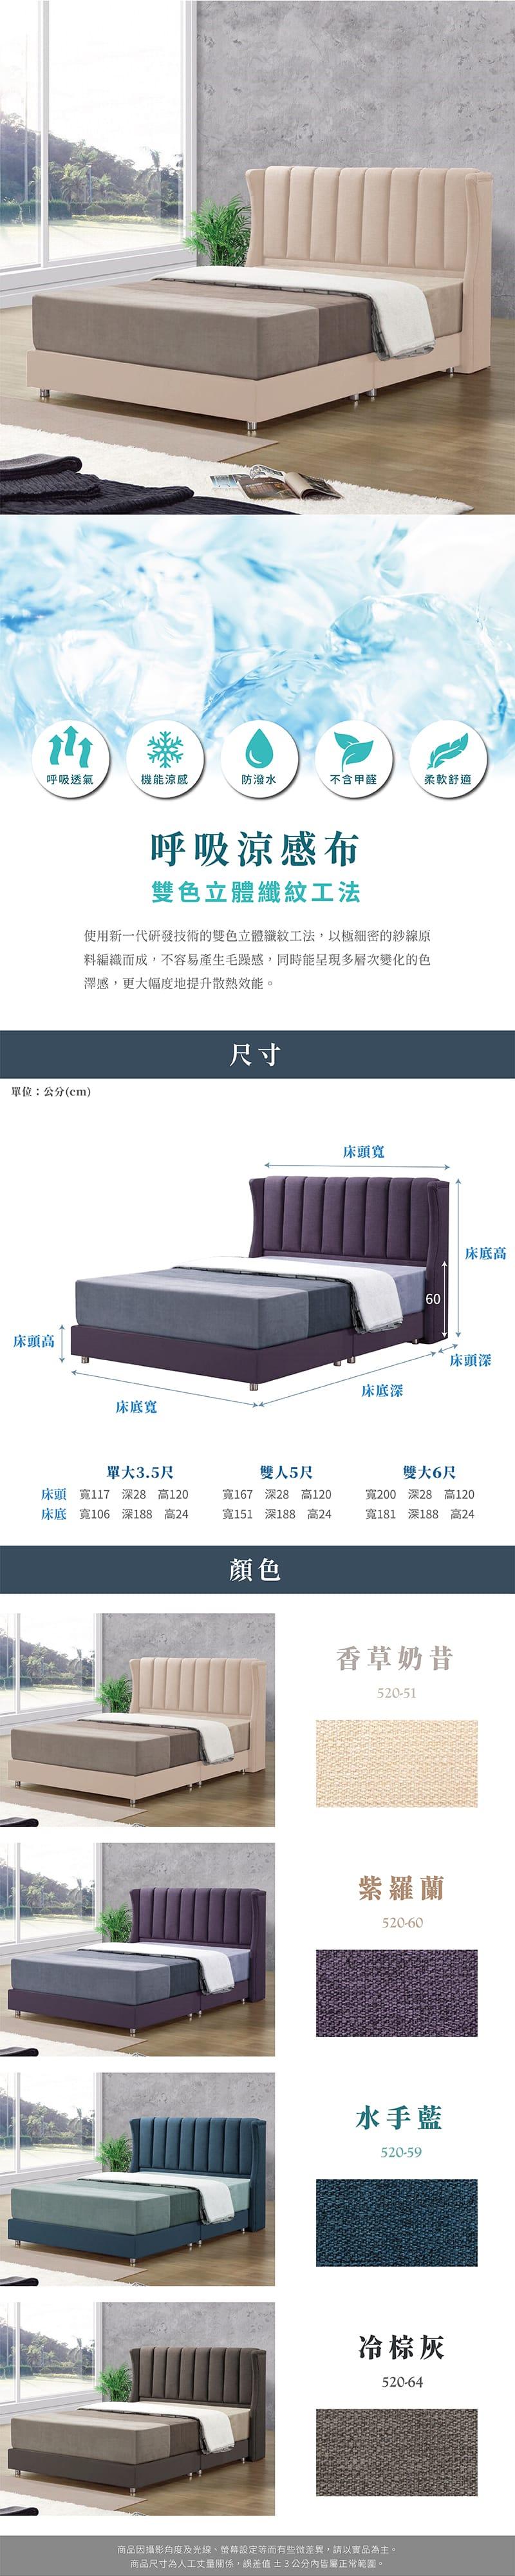 羅賓 涼感布床組兩件 雙人5尺(床頭片+床底)